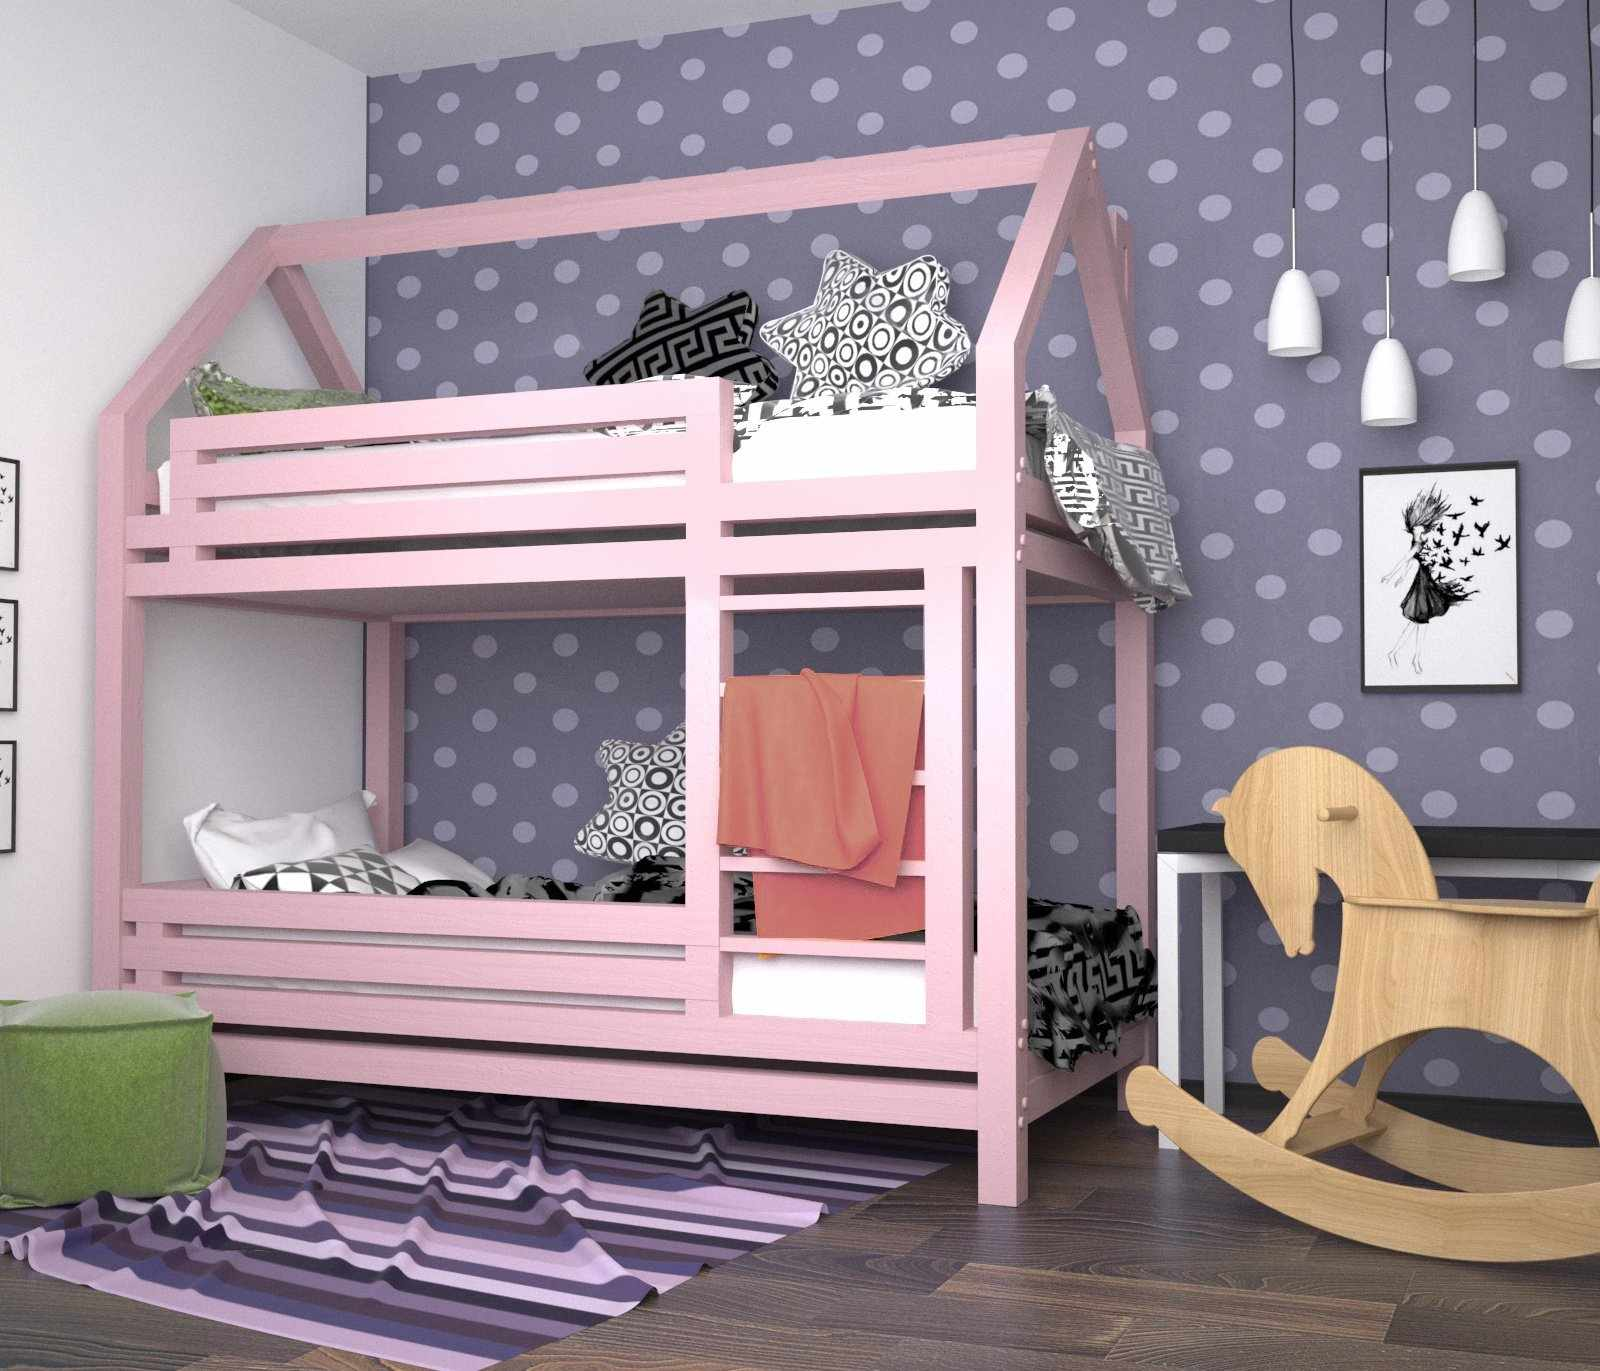 Розовая двухъярусная кровать в детской для девочки